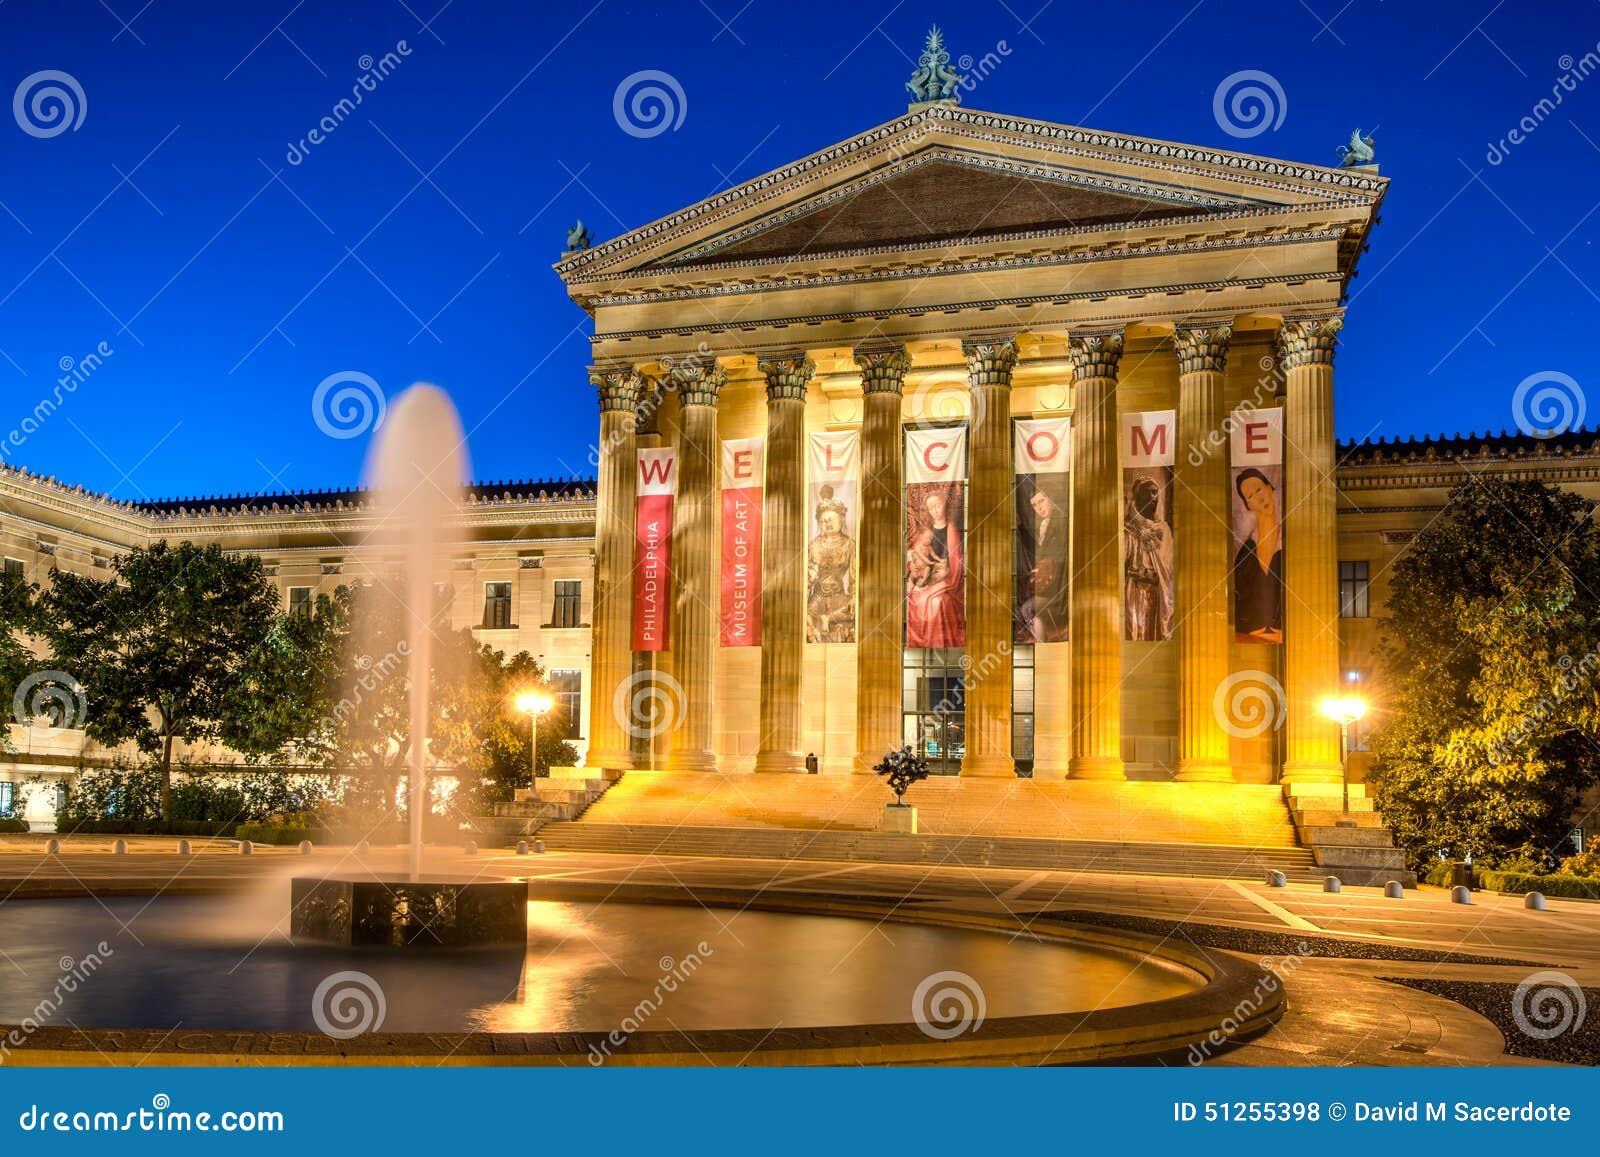 费城美术馆和喷泉